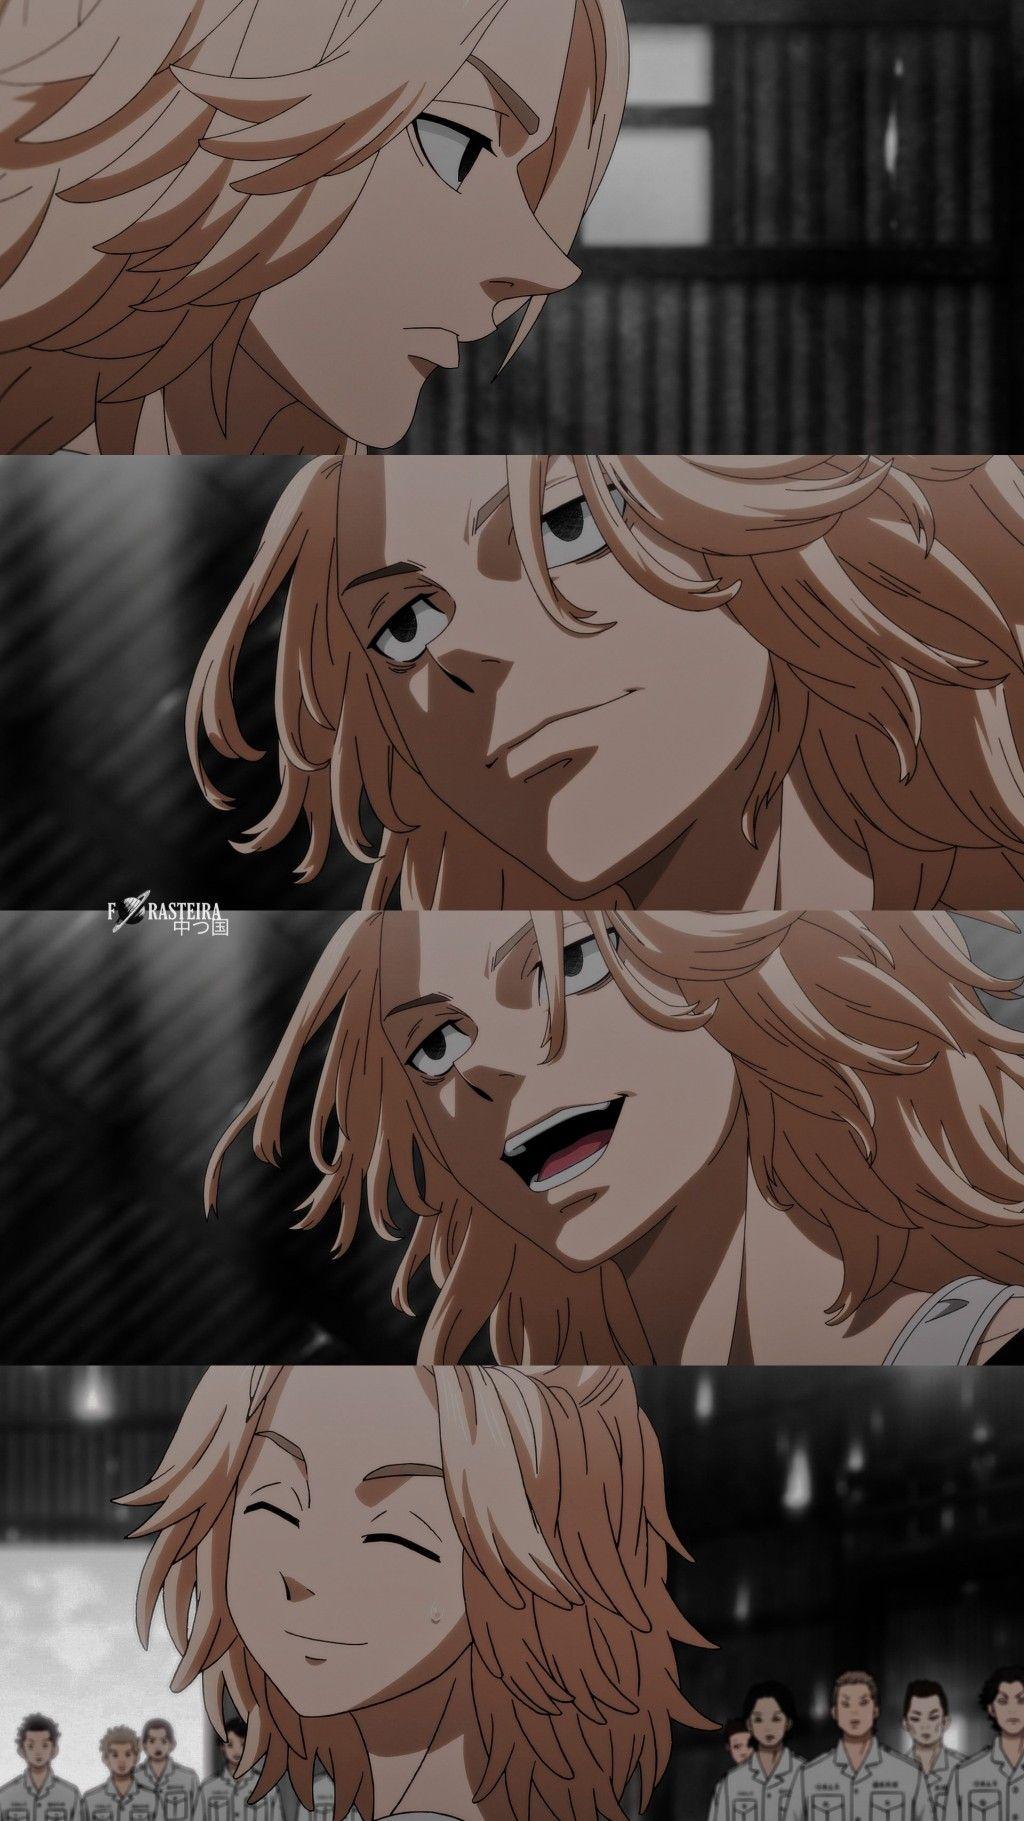 𝐌𝐀𝐍𝐉𝐈𝐑𝐎 𝐒𝐀𝐍𝐎 𝐌𝐈𝐊𝐄𝐘 𝑾𝒂𝒍𝒍𝒑𝒂𝒑𝒆𝒓 Di 2021 Ilustrasi Karakter Ilustrasi Manga Ilustrasi